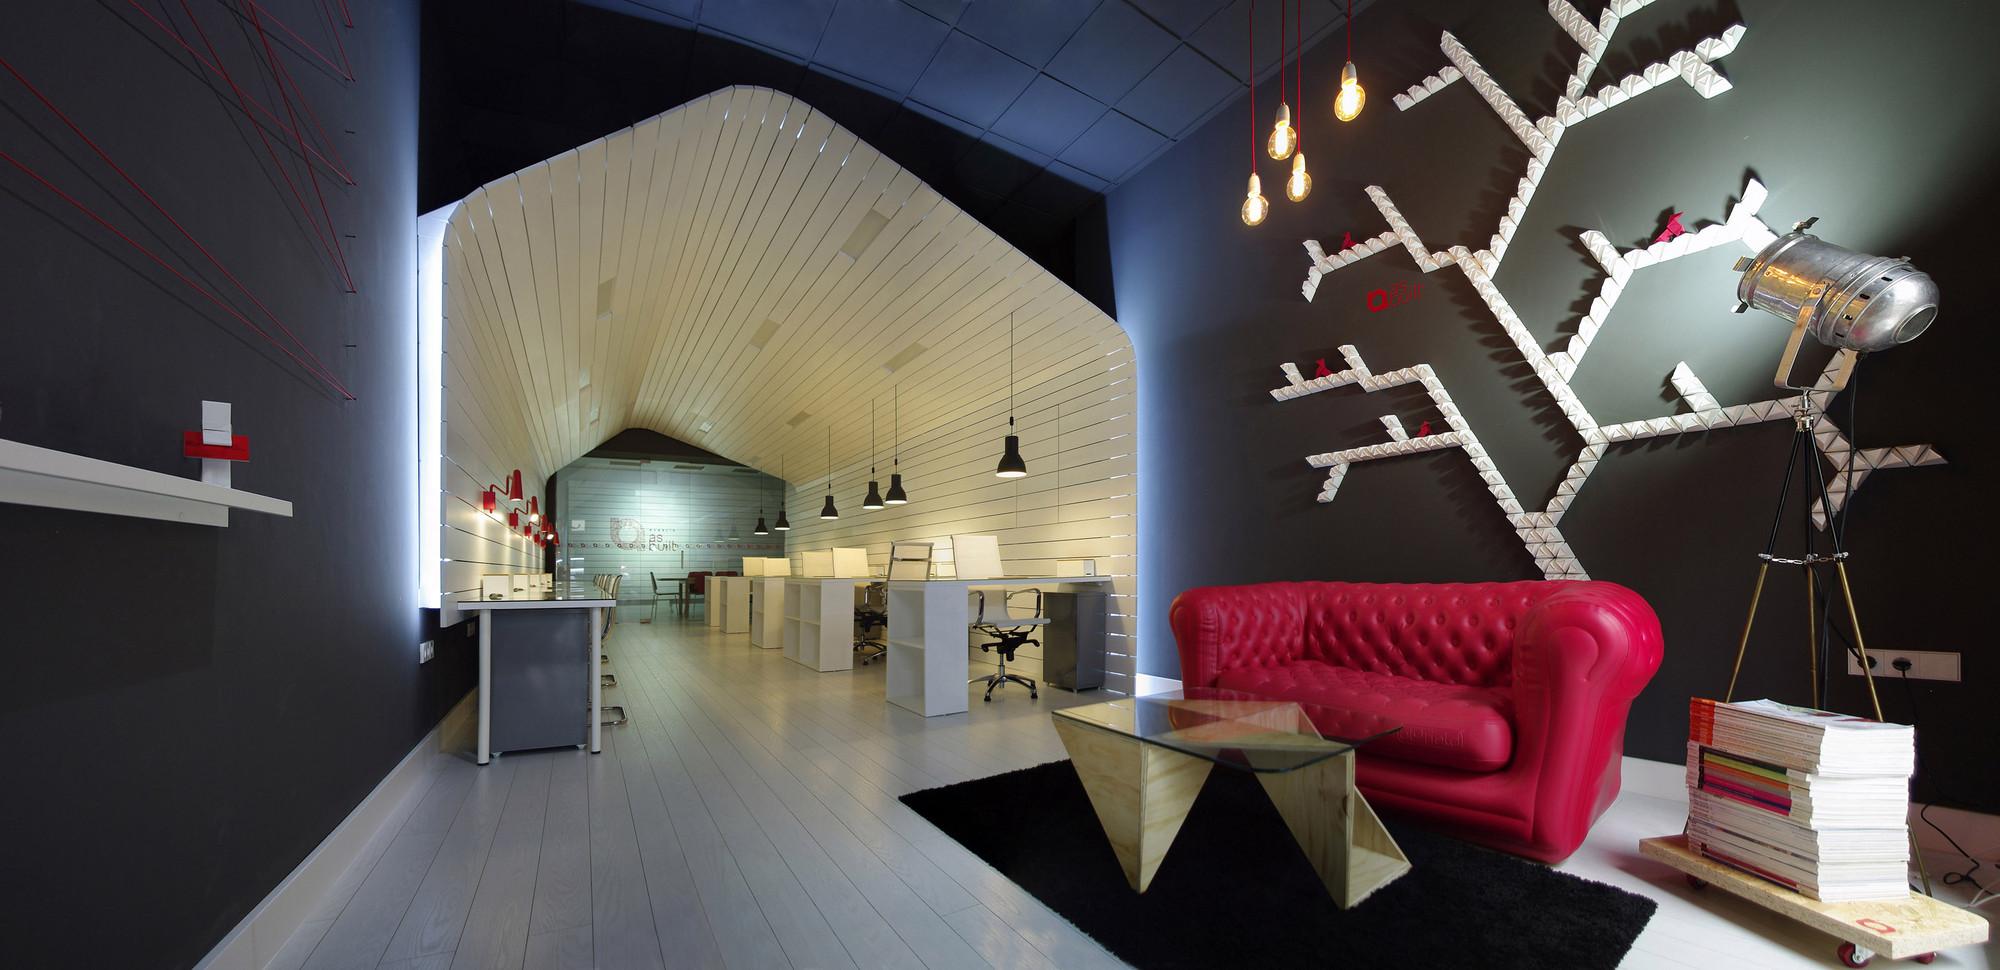 Oficina  para Arquitectos y Espacio de Coworking / As – Built, © Moncho Rey